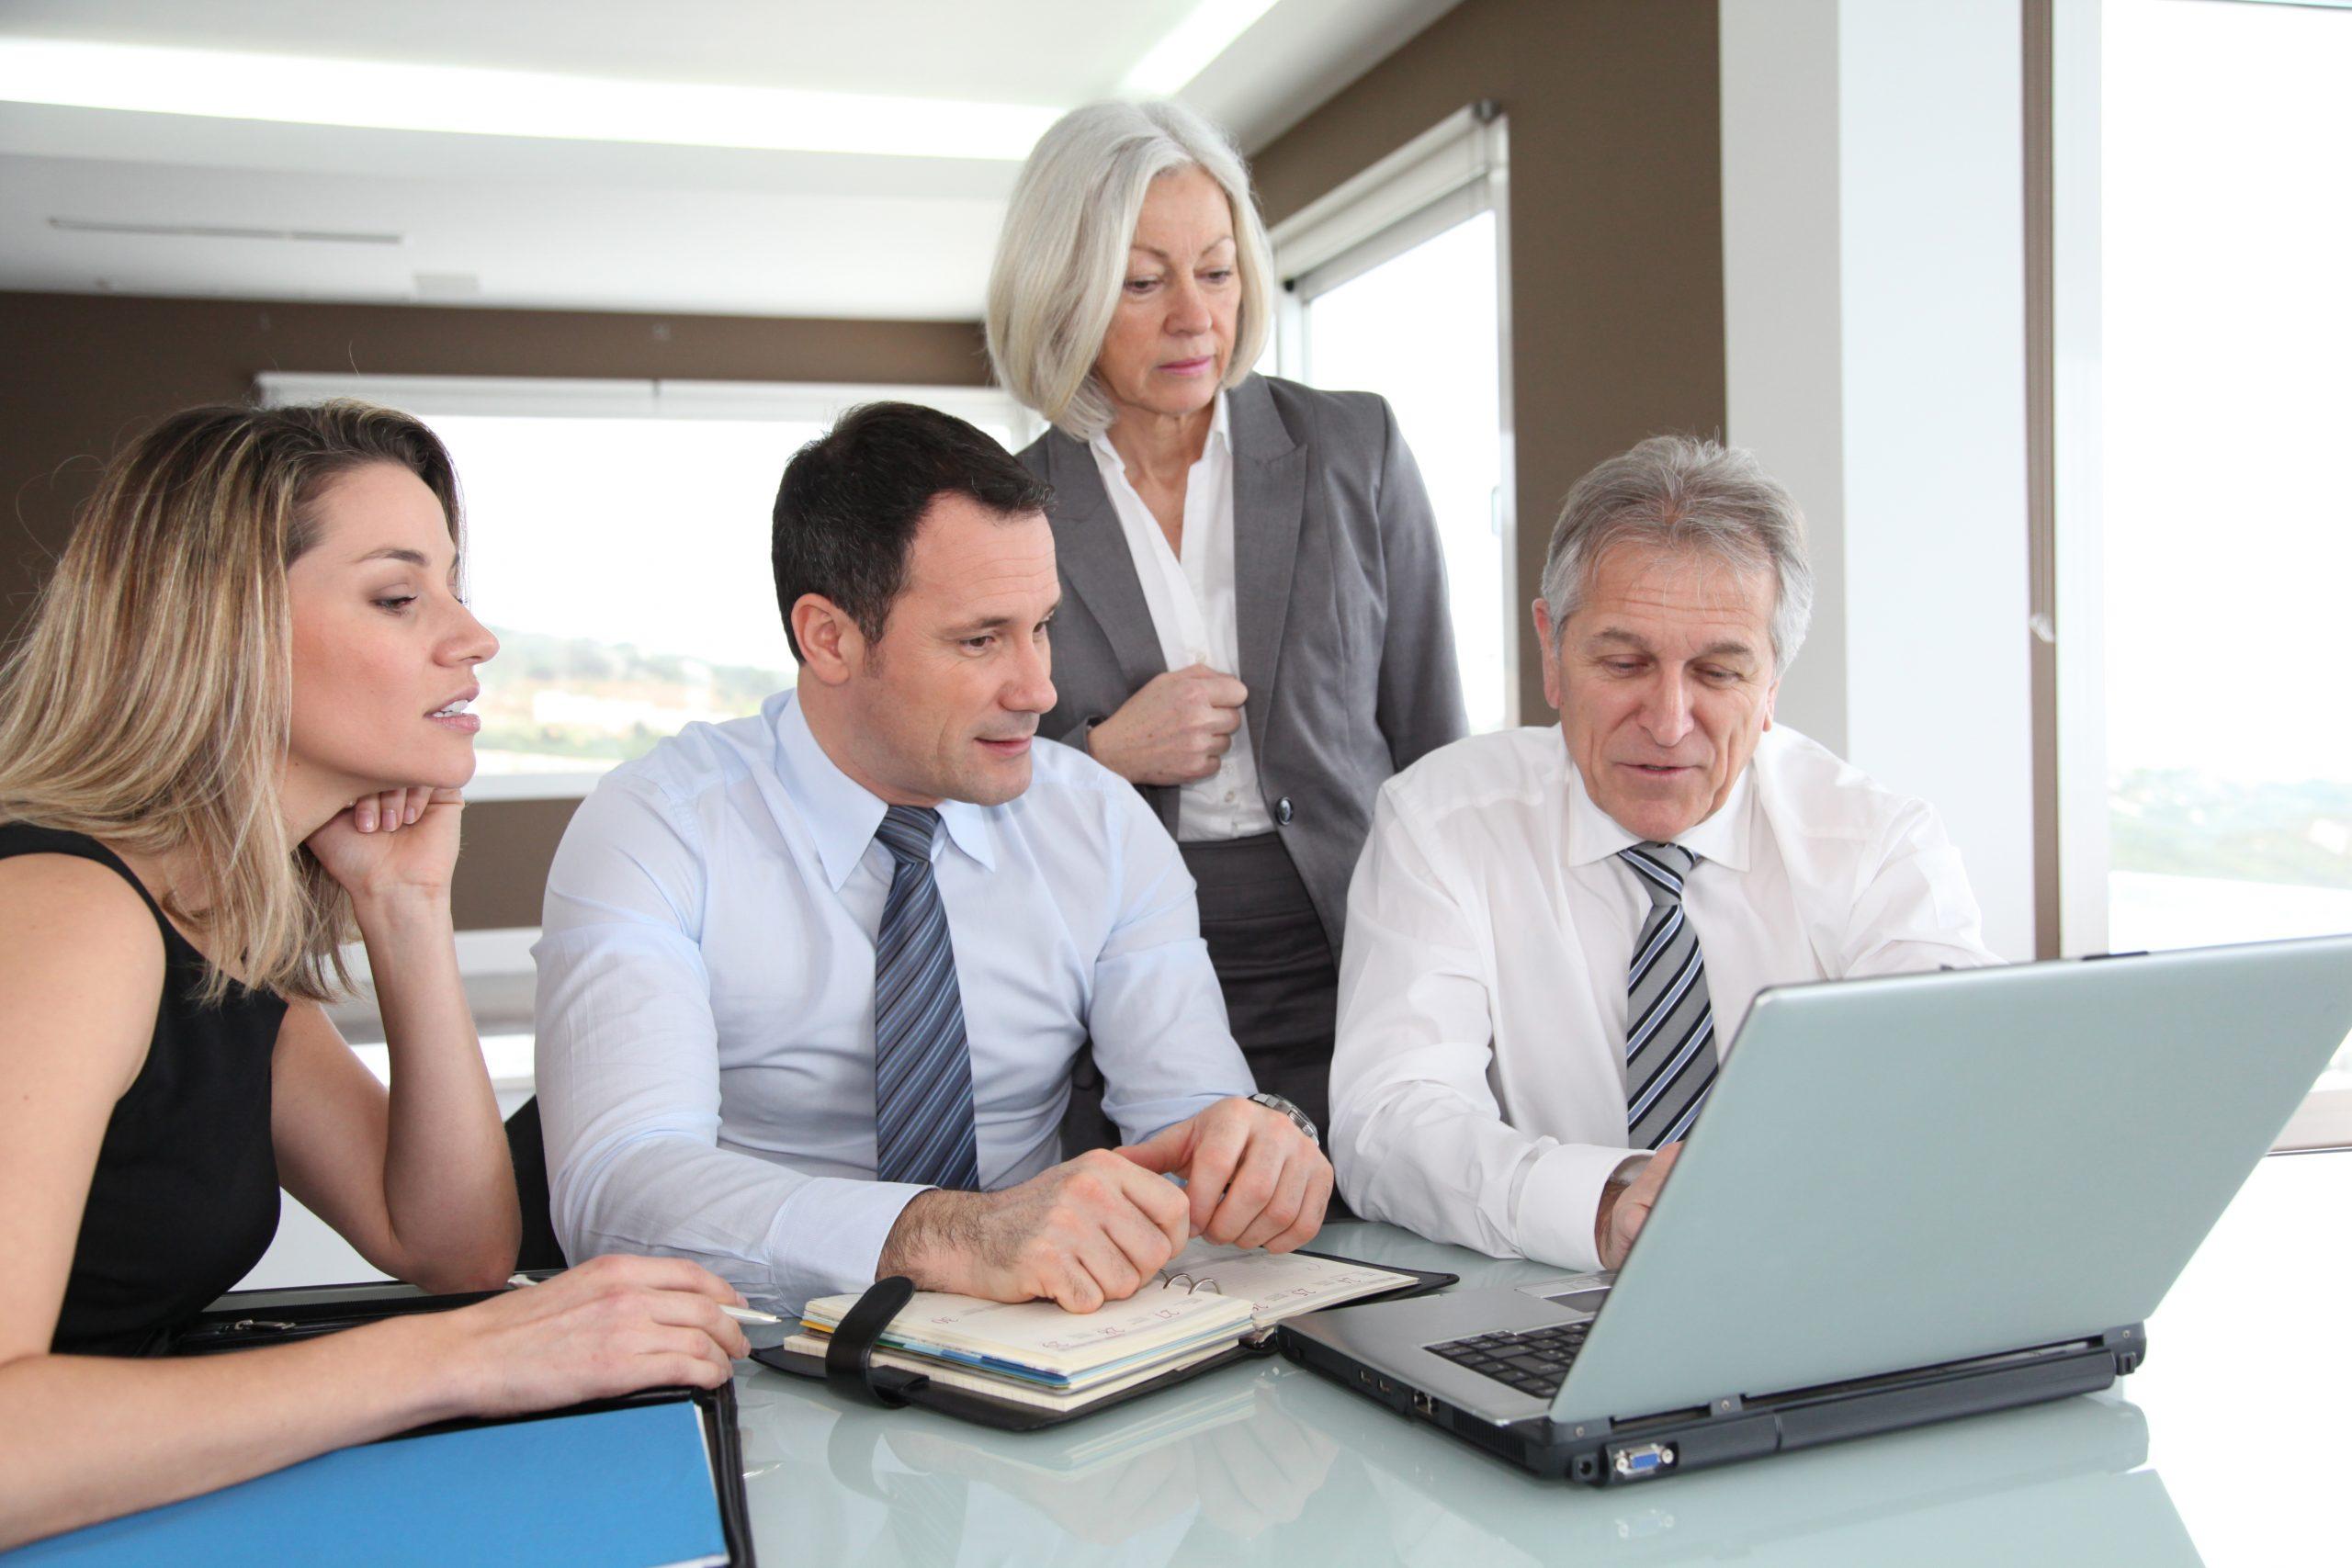 Sales people in work meeting